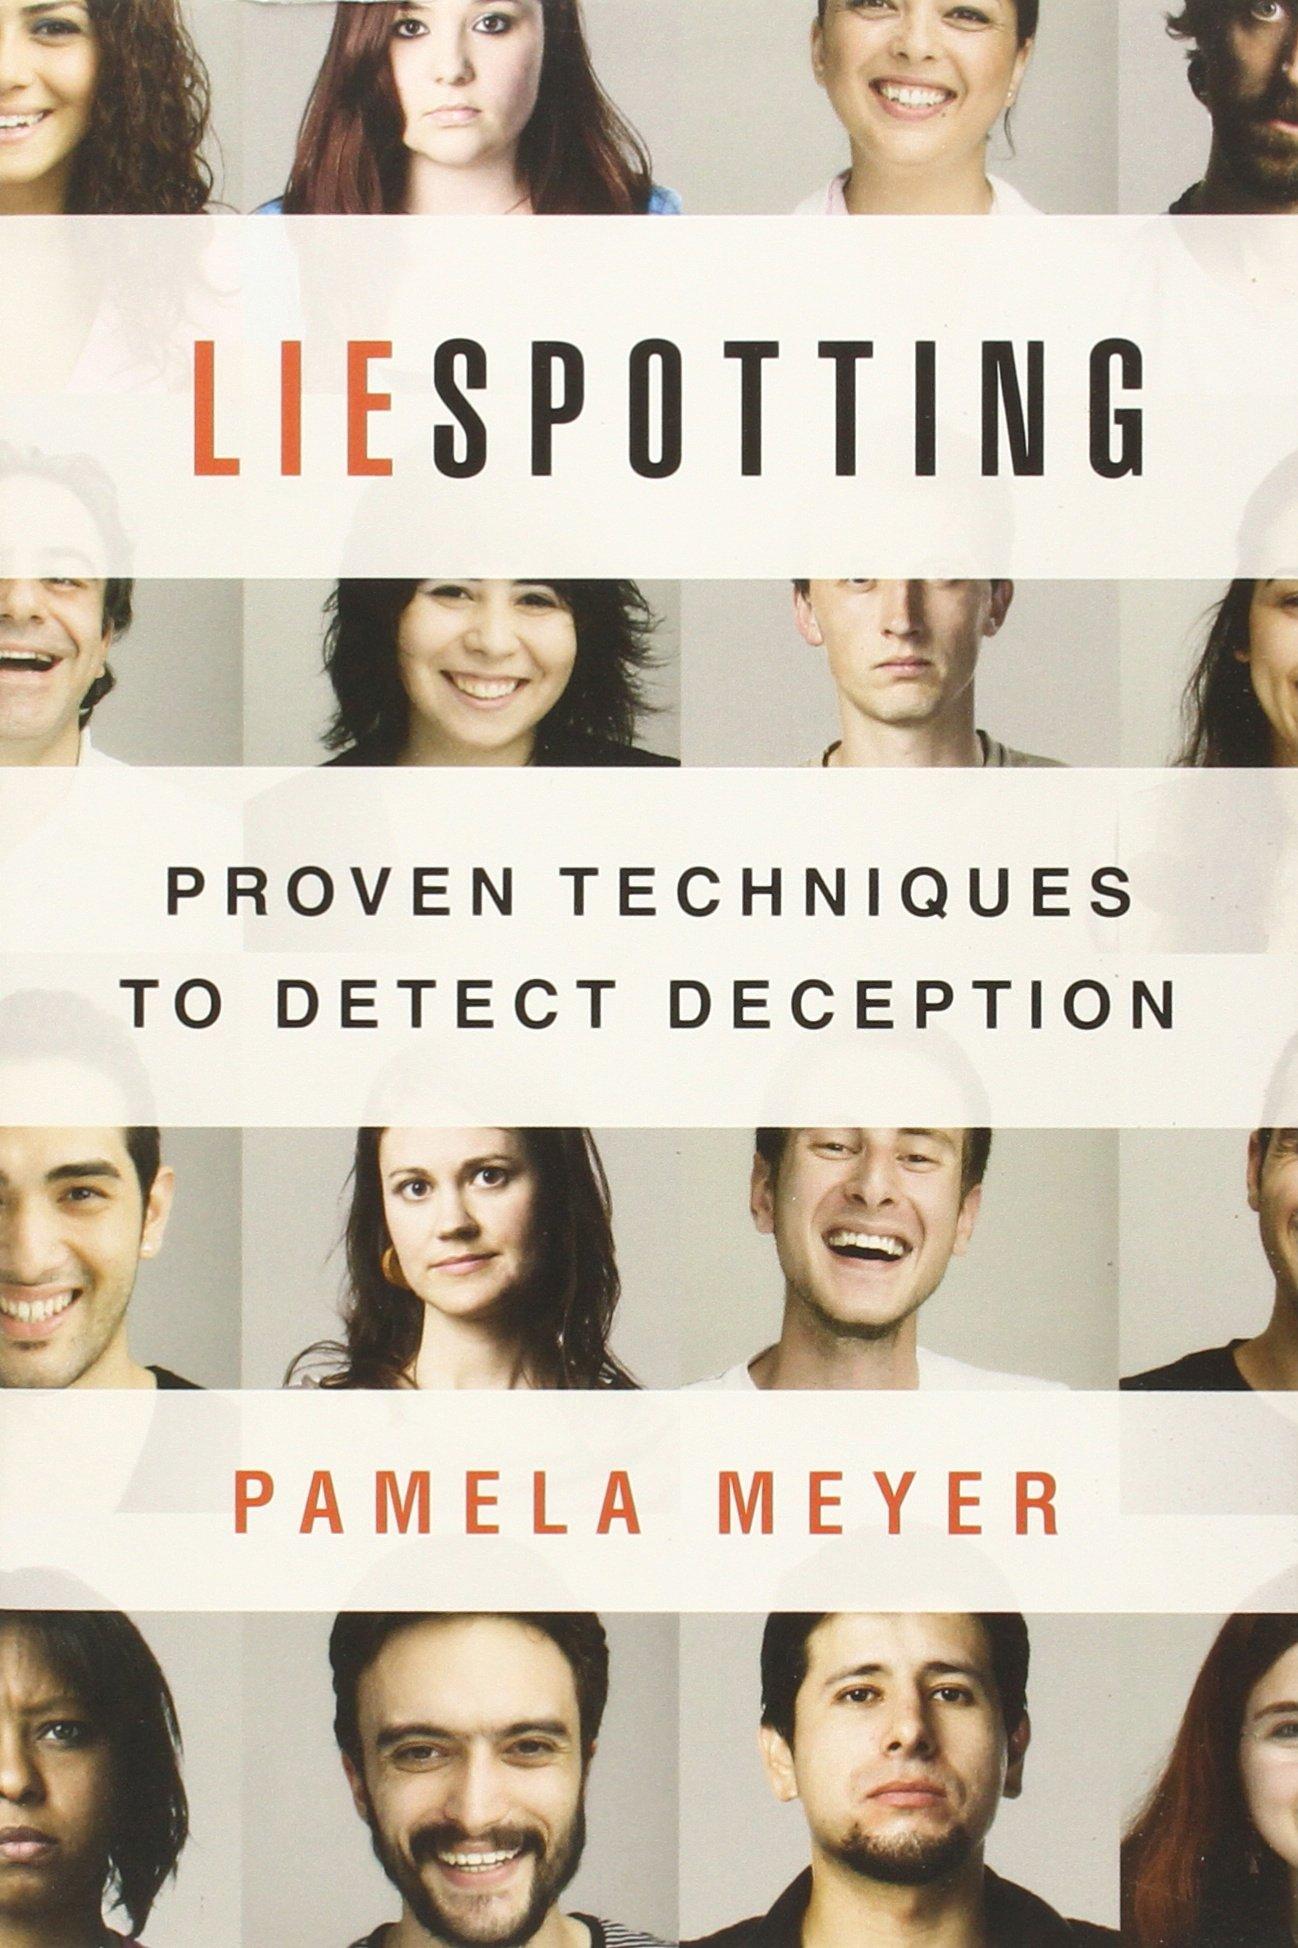 Liespotting Proven Techniques Detect Deception product image